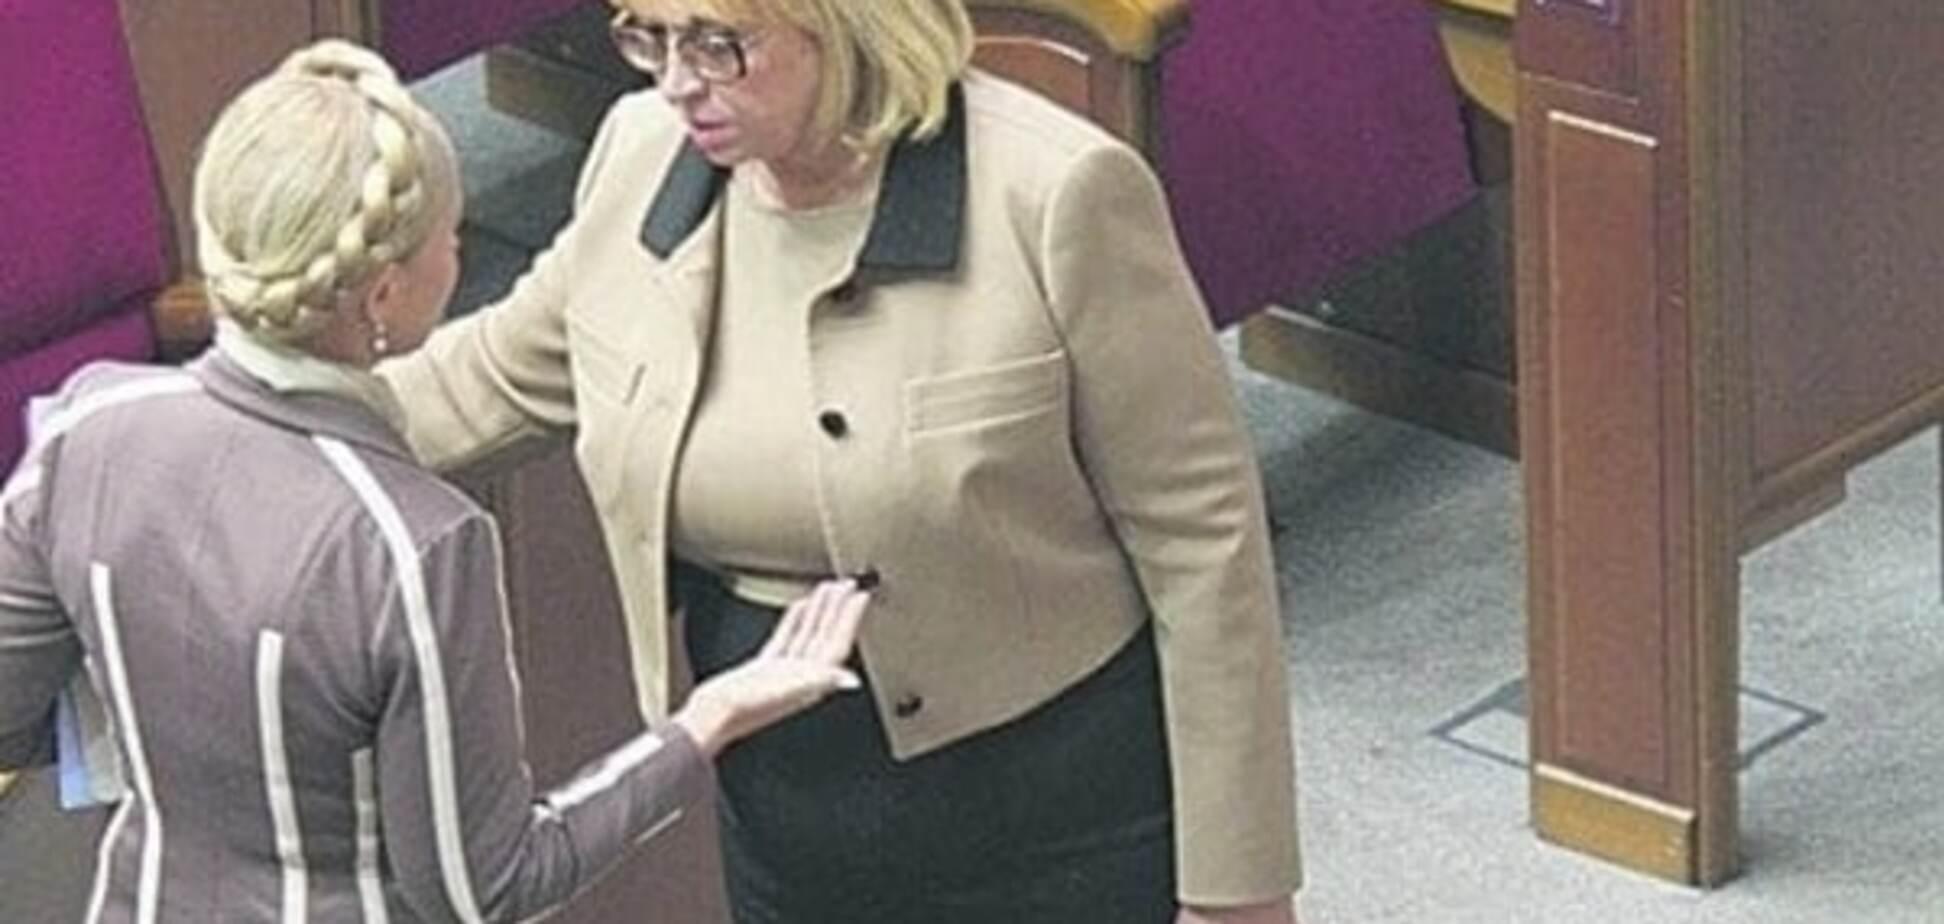 Европейская скромность не прижилась в украинской политике: в Раду вернулся Louis Vuitton и золотые Vertu